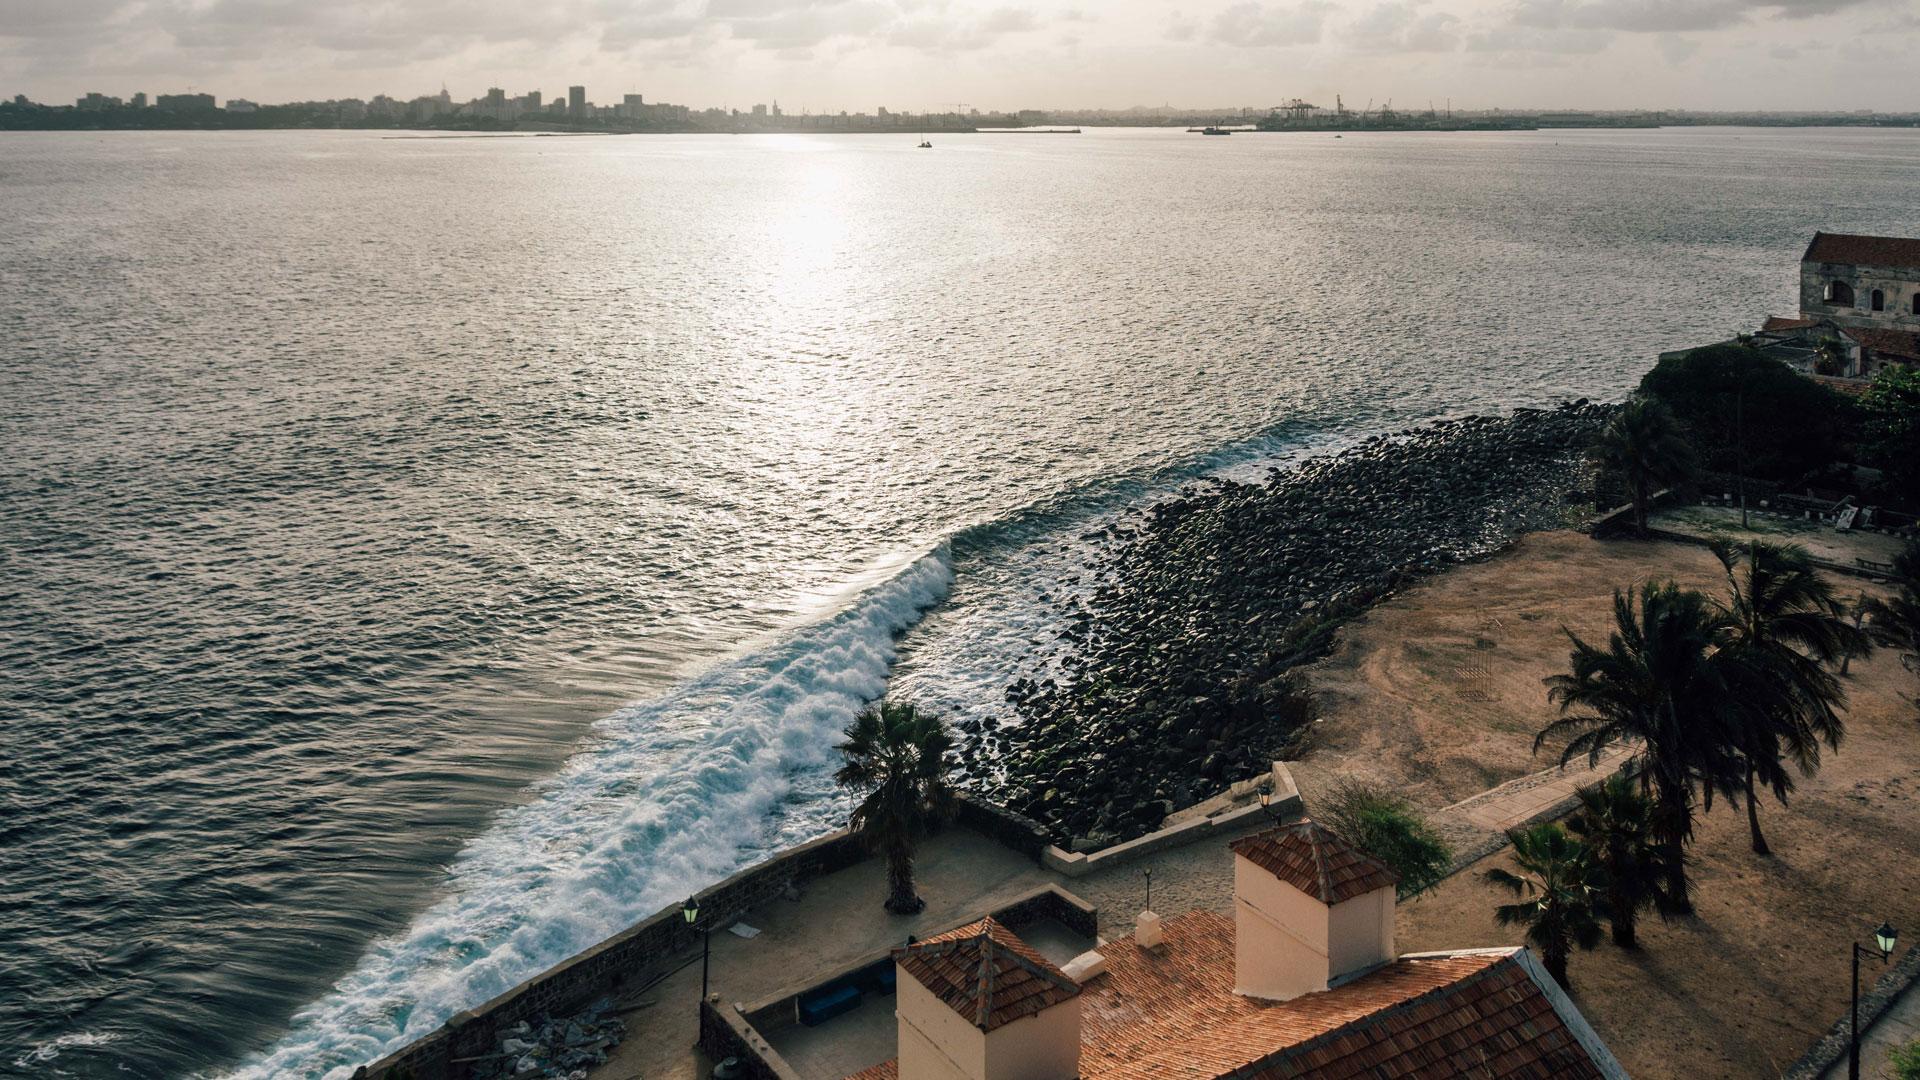 Ngor, ein Stadtteil der Hauptstadt Dakar, hat sich zu einem Magneten für Wellenreiter entwickelt.